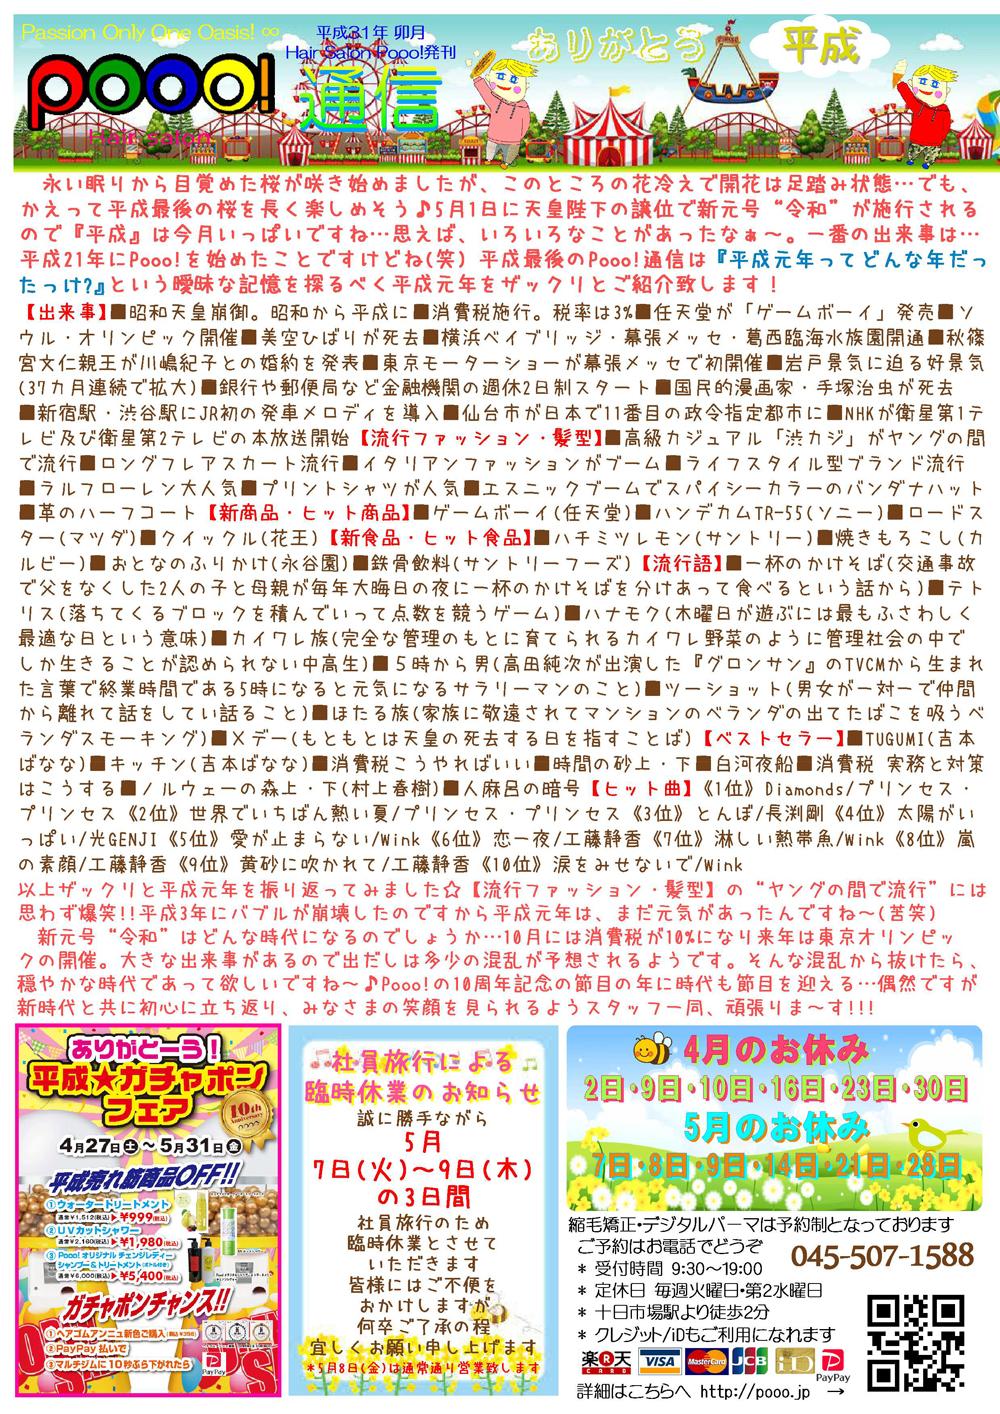 https://pooo.jp/wp-content/uploads/2019/04/Pooonews19-04.jpg